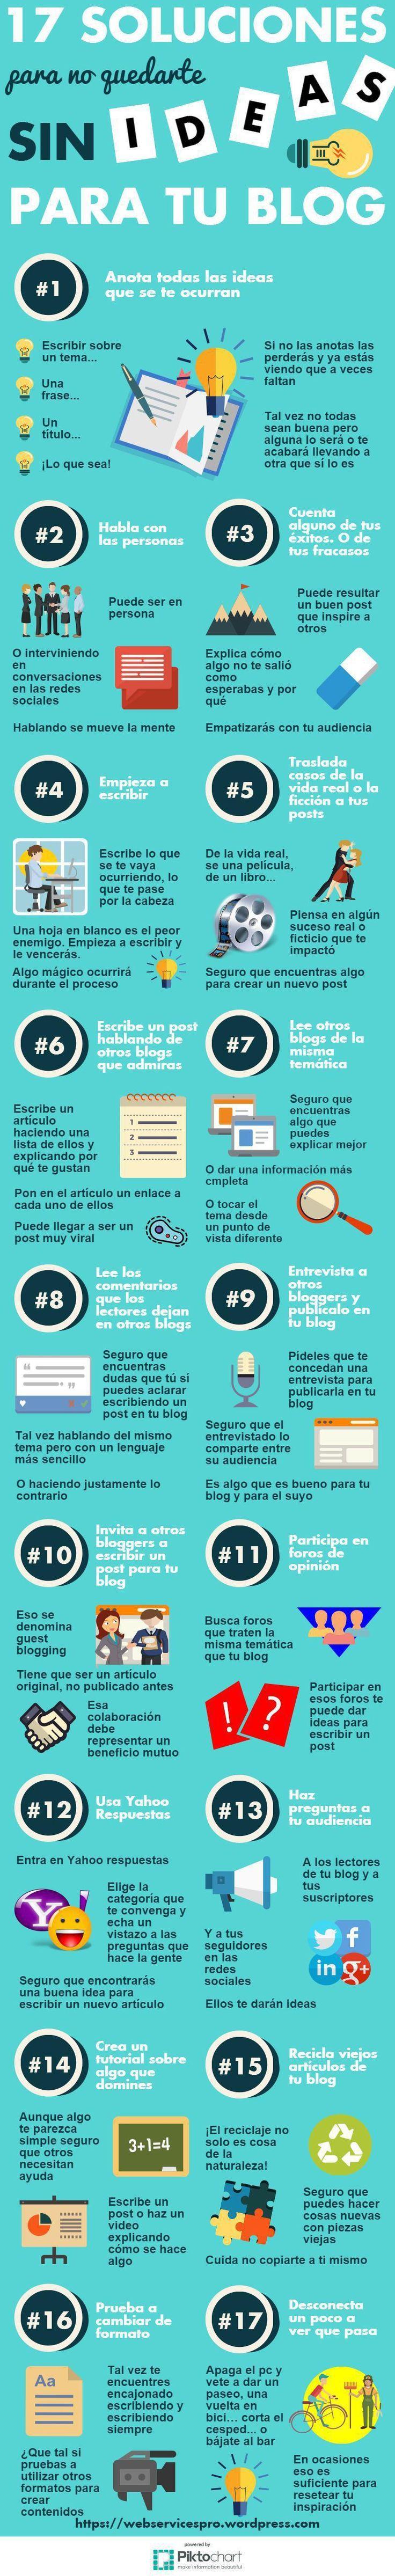 17 Soluciones para no quedarte sin ideas para tu Blog #infografia